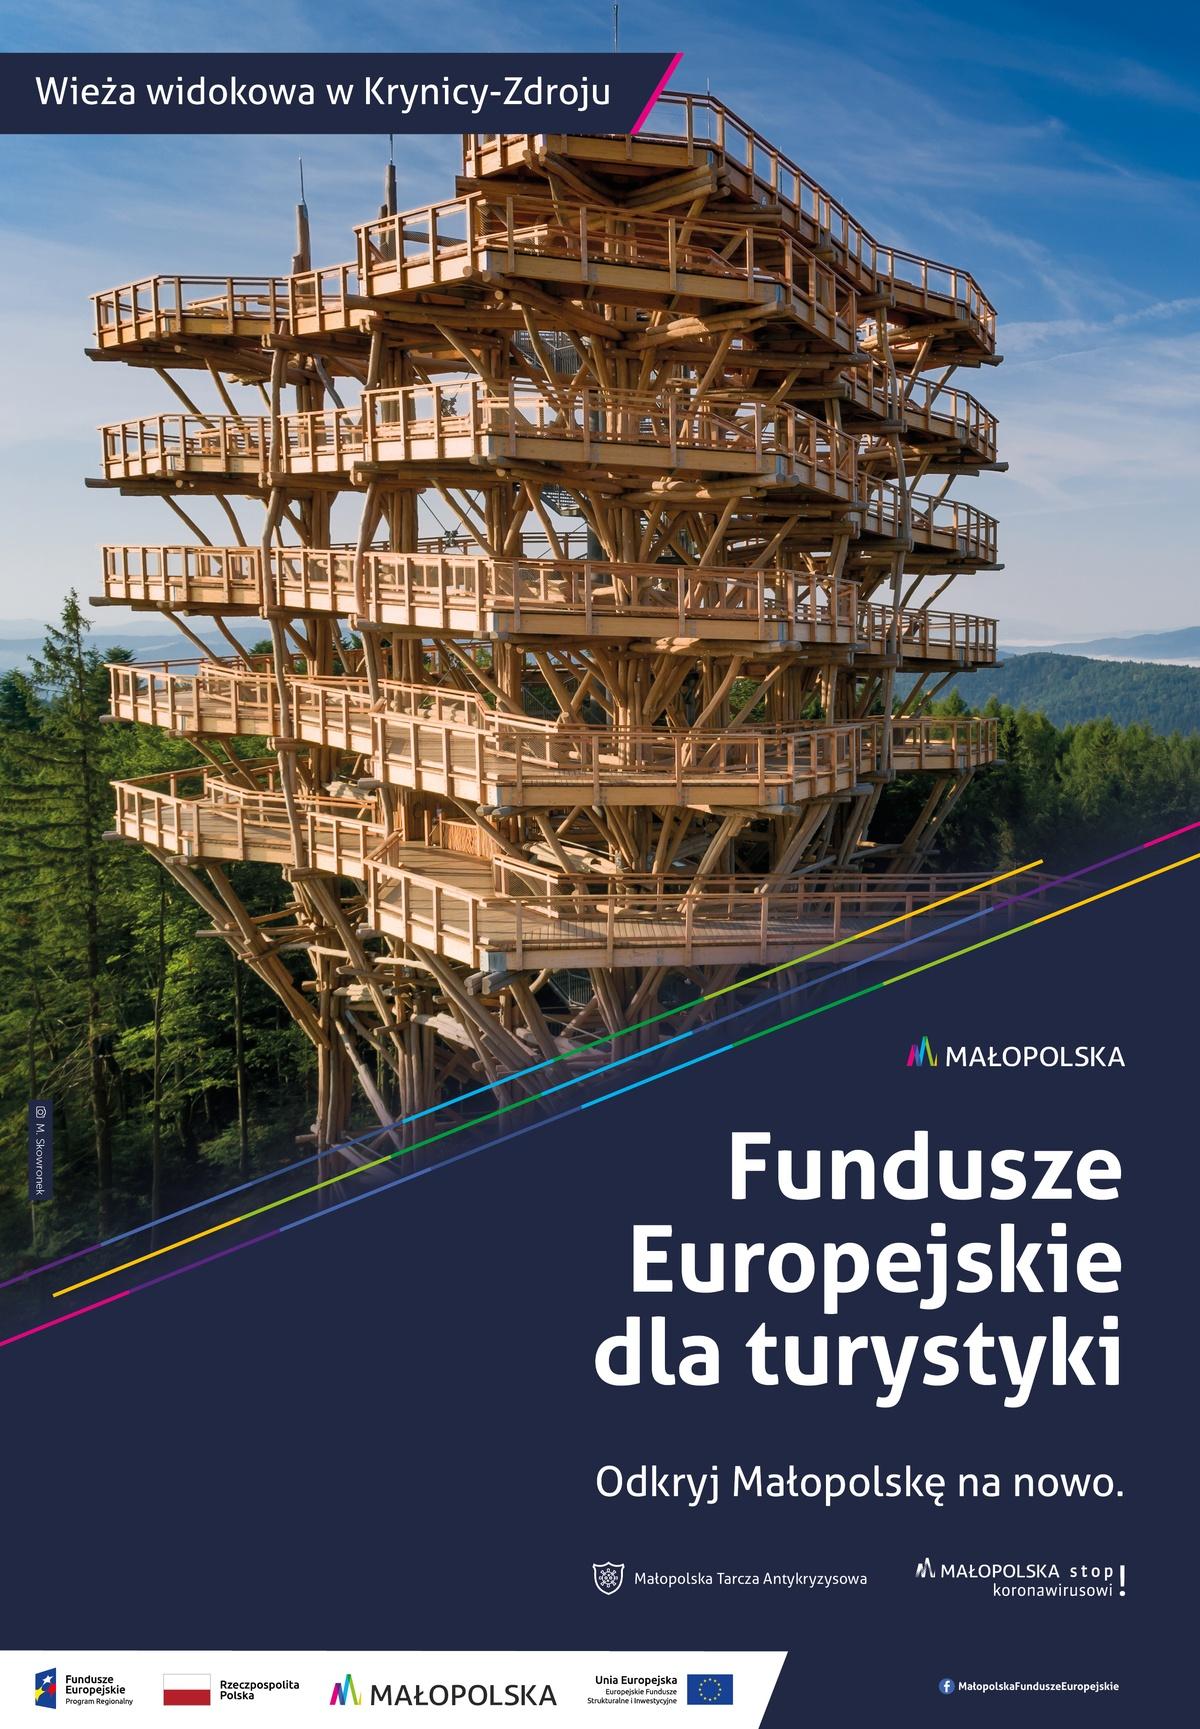 Plakat promujący wieże widokową wKrynicy-Zdrój